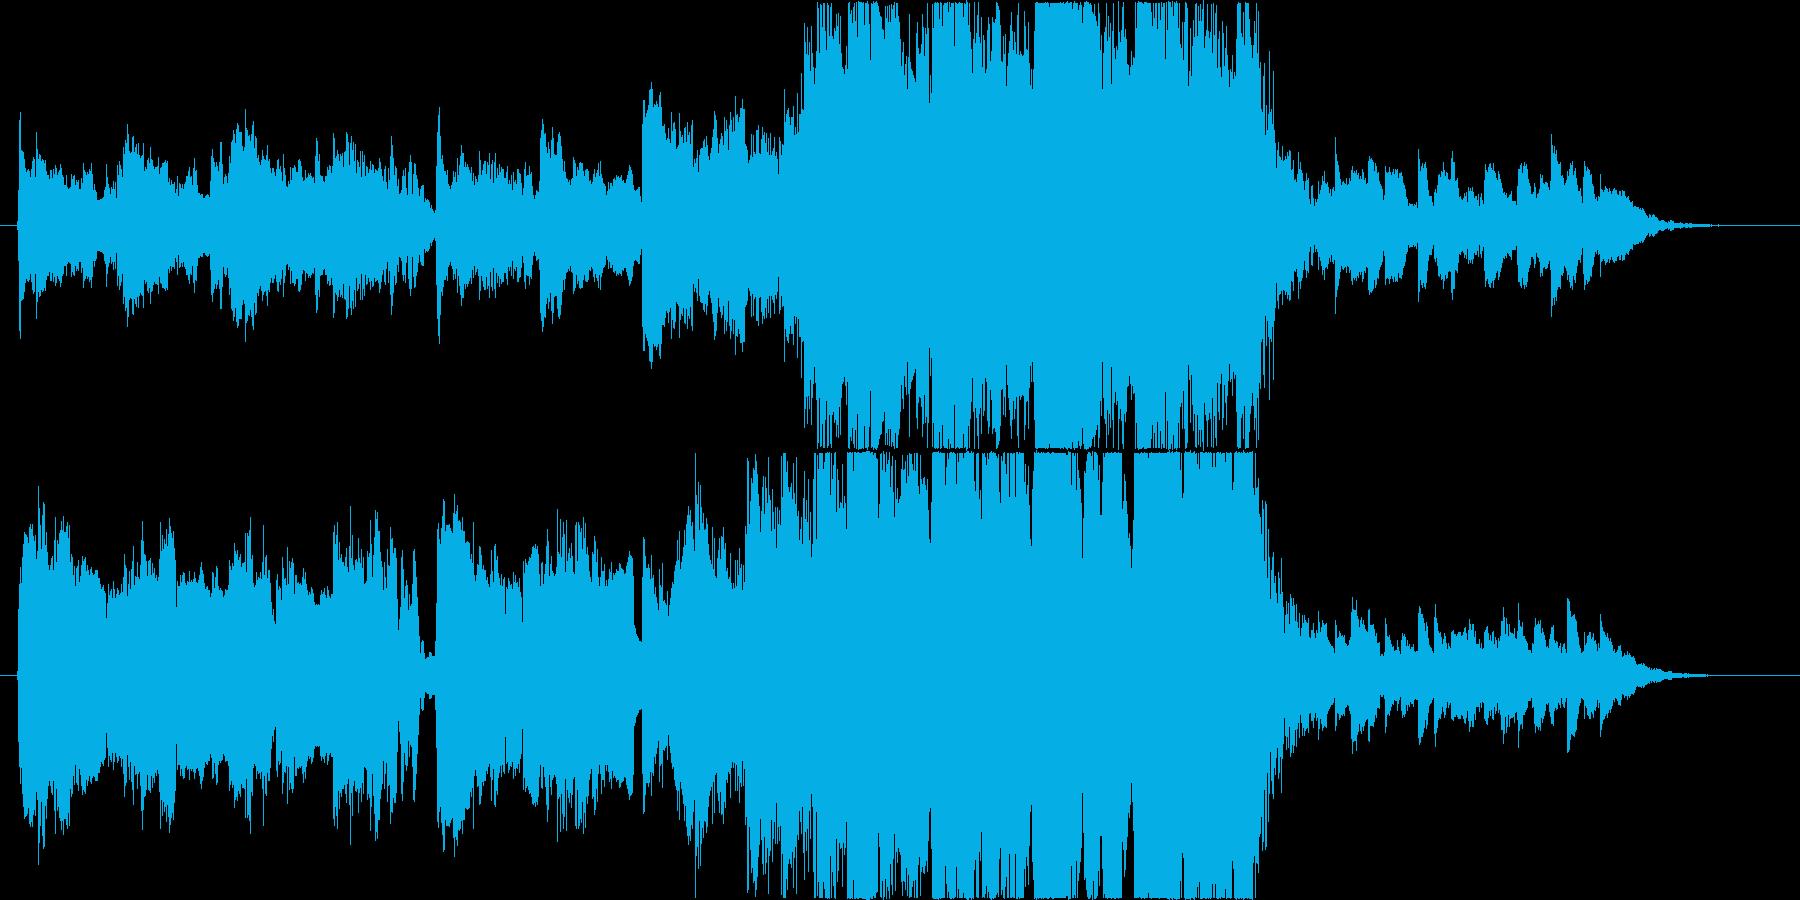 ハロウィンイメージの切なめな雰囲気の曲の再生済みの波形